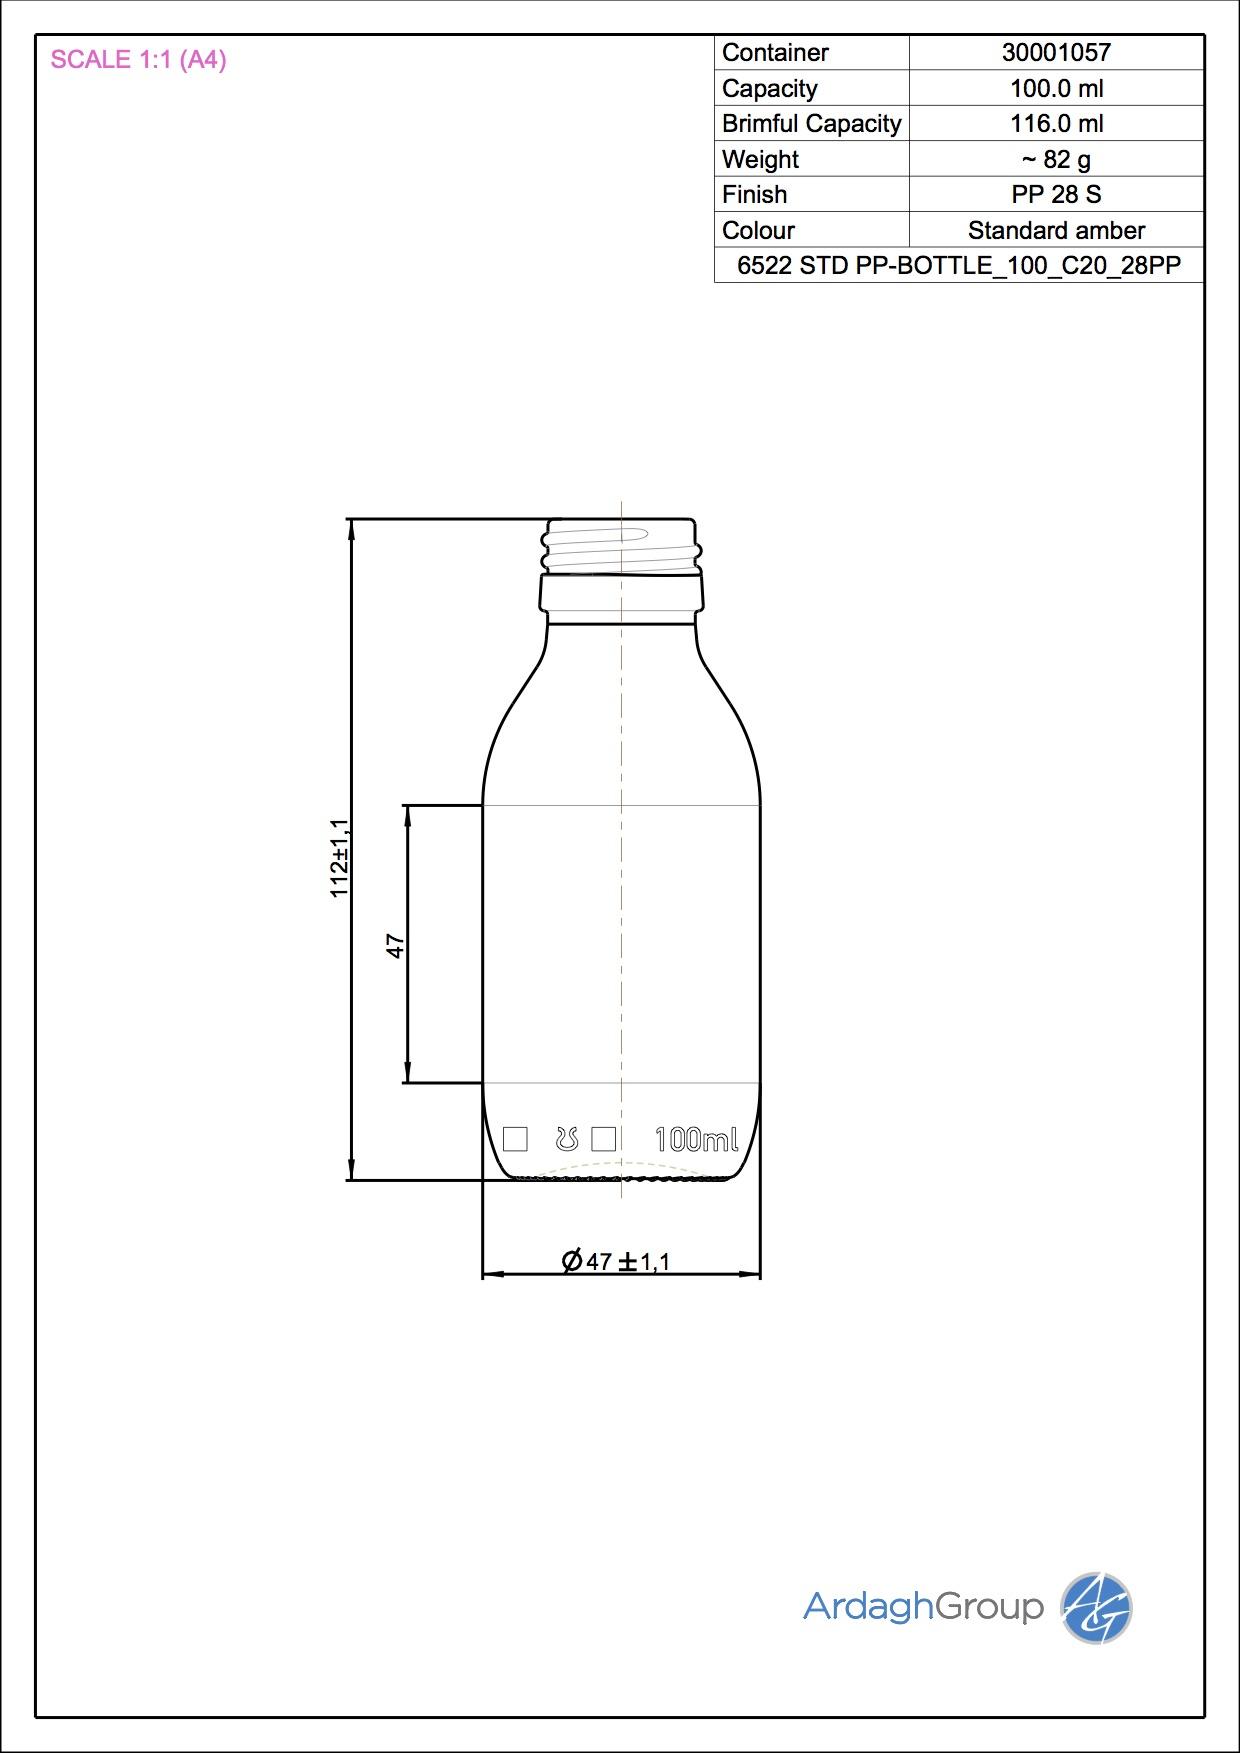 STD PHARMA PILFER 100 C20 28PP